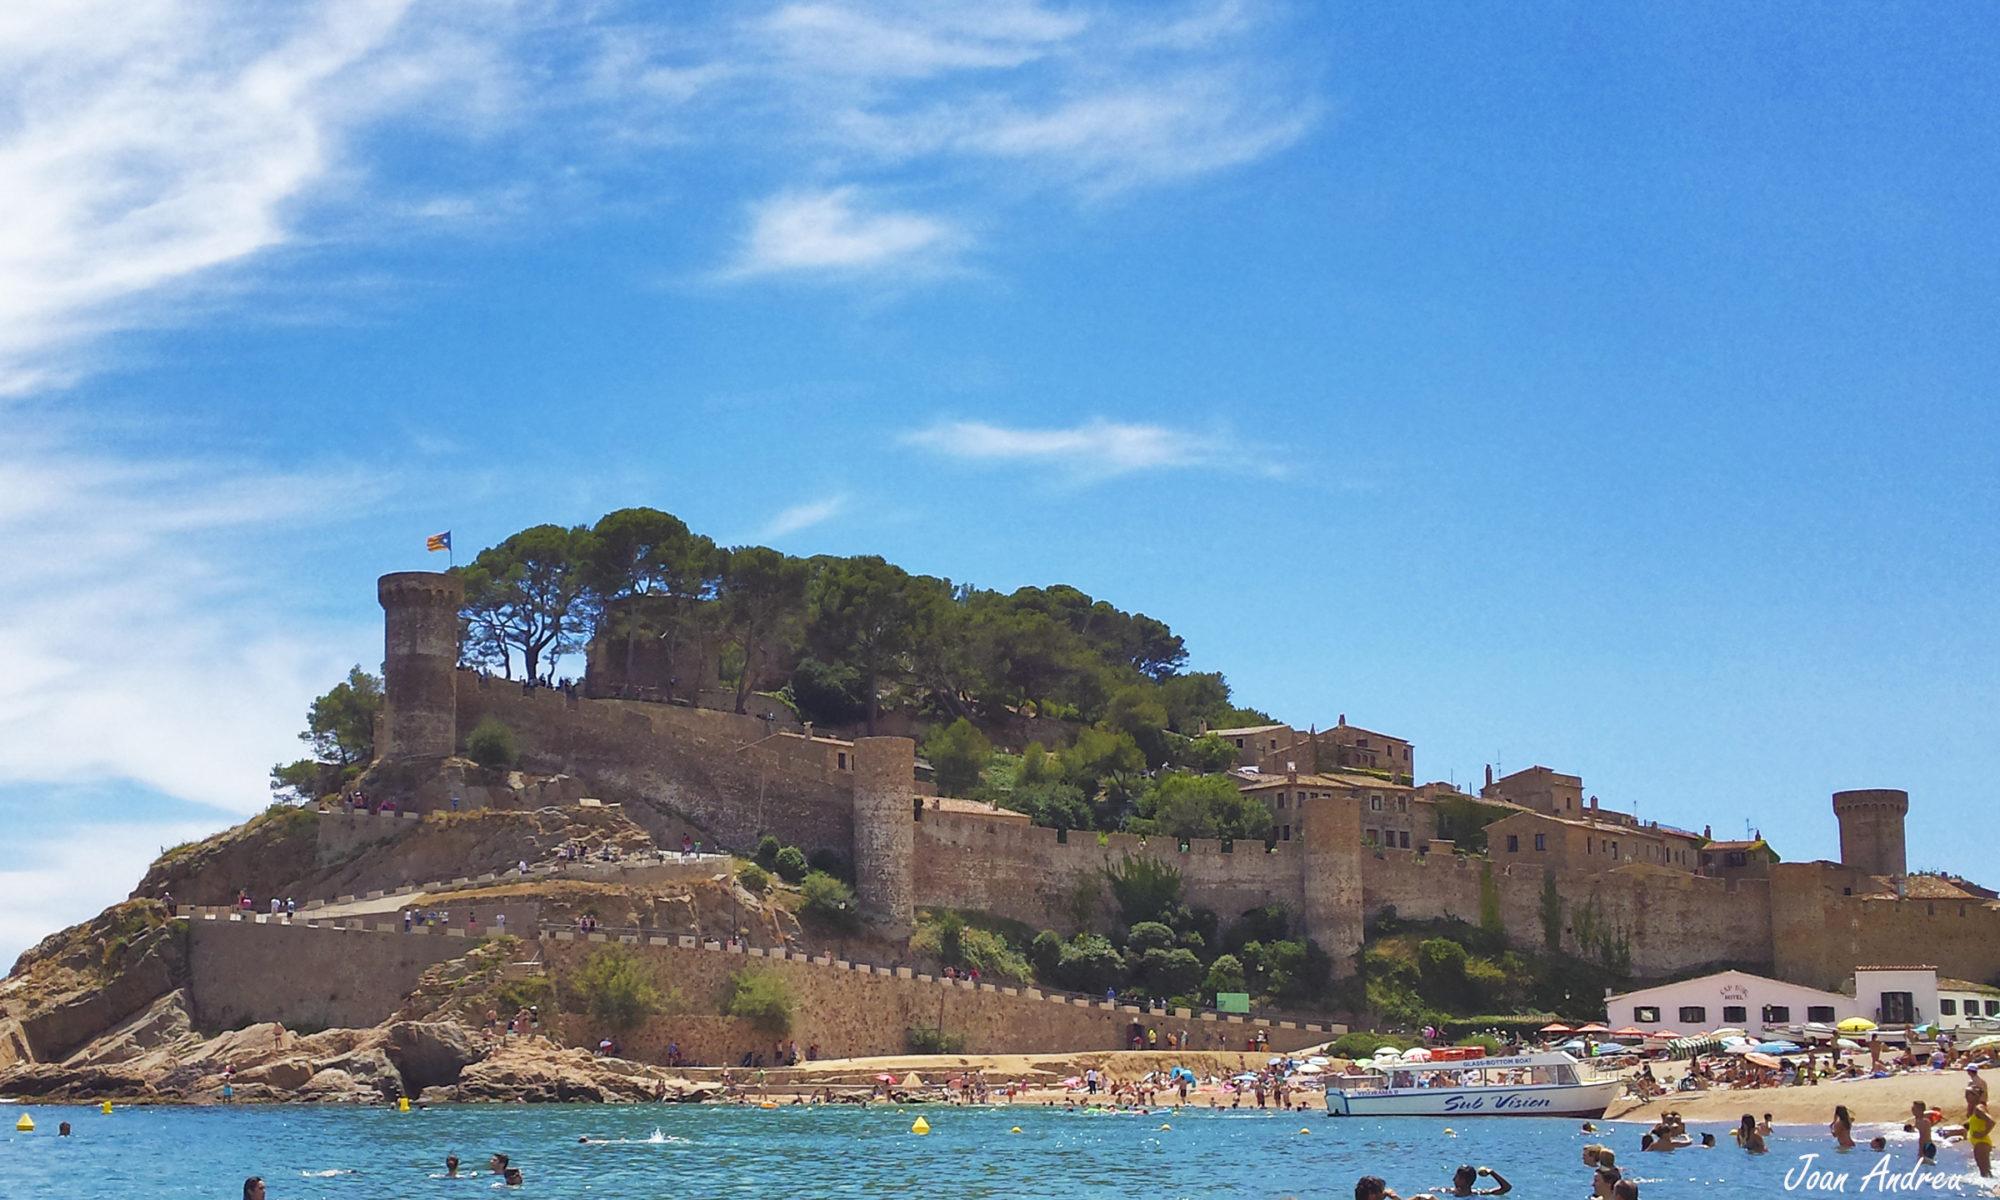 Castell i vil·la vella de Tossa des del Mar / Castle and old town Tossa de Mar